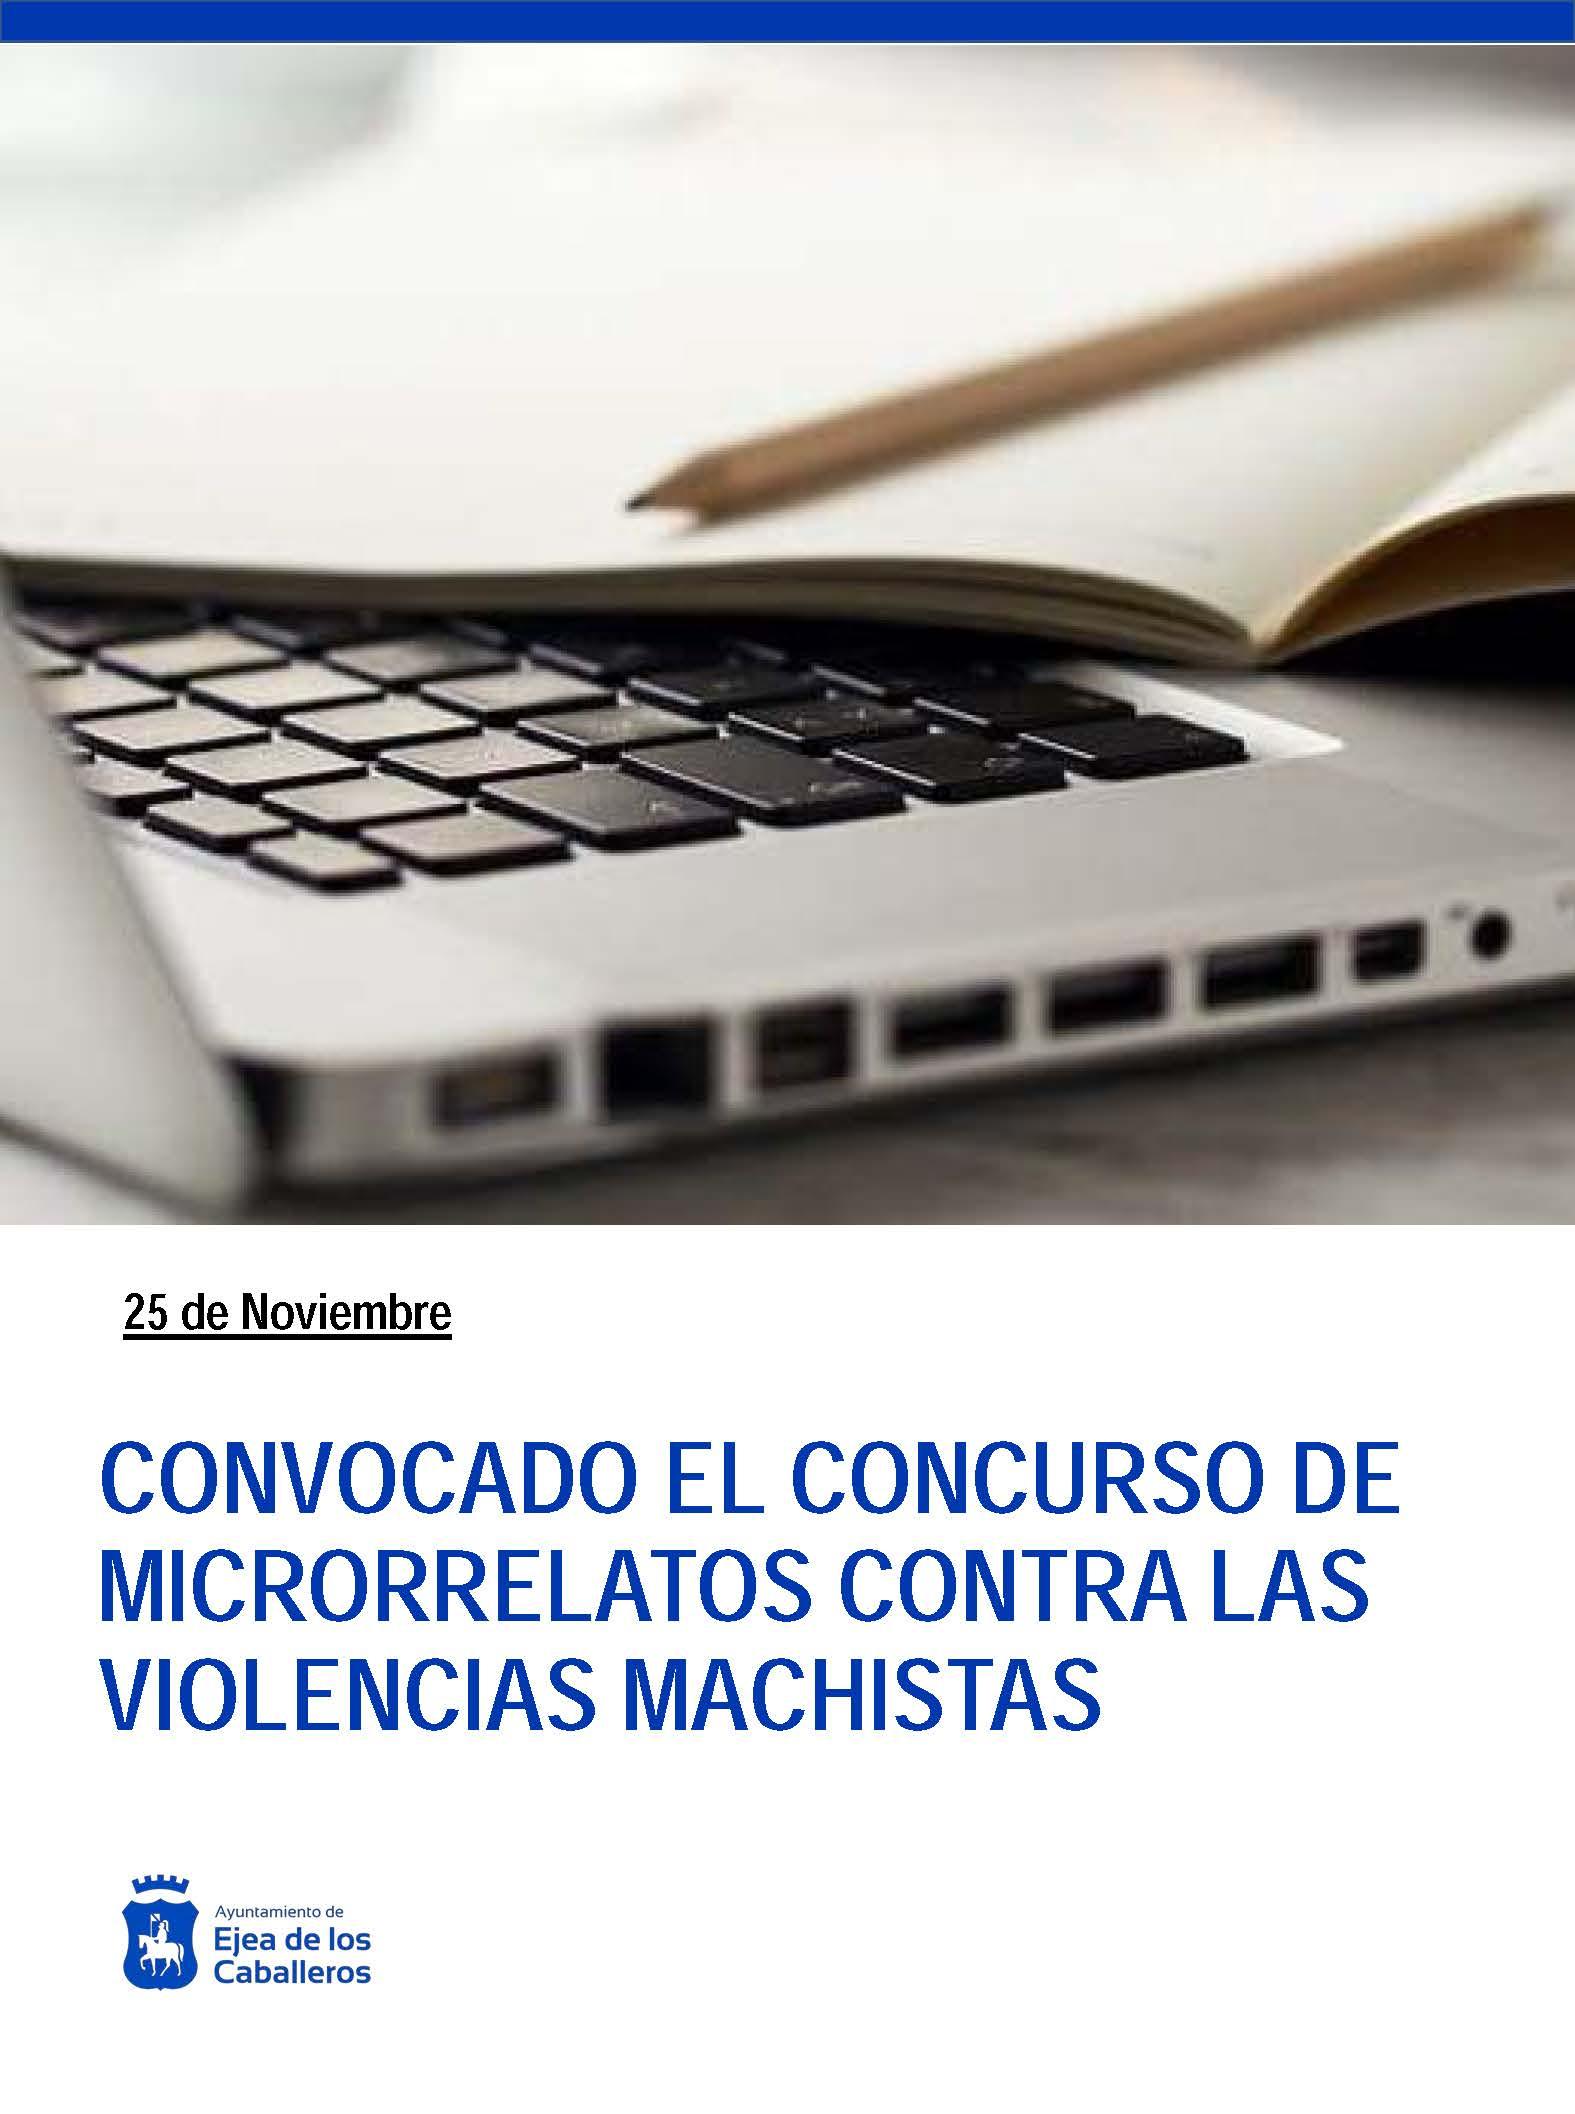 9º Concurso de relatos cortos contra las violencias machistas